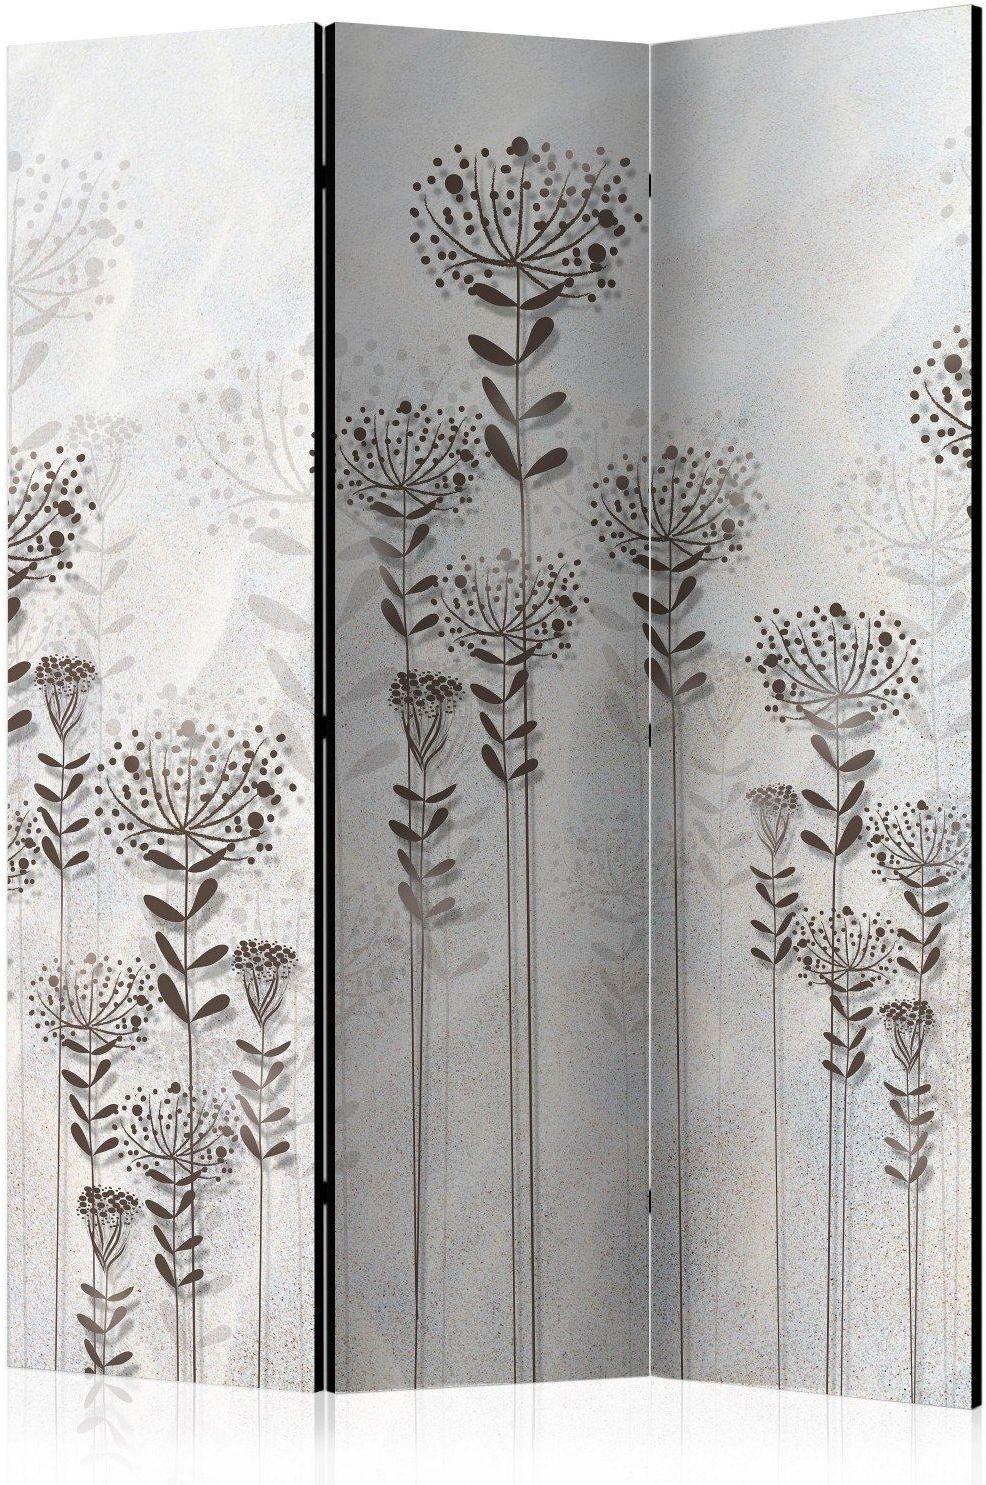 Parawan 3-częściowy - zimowy ogród [room dividers]